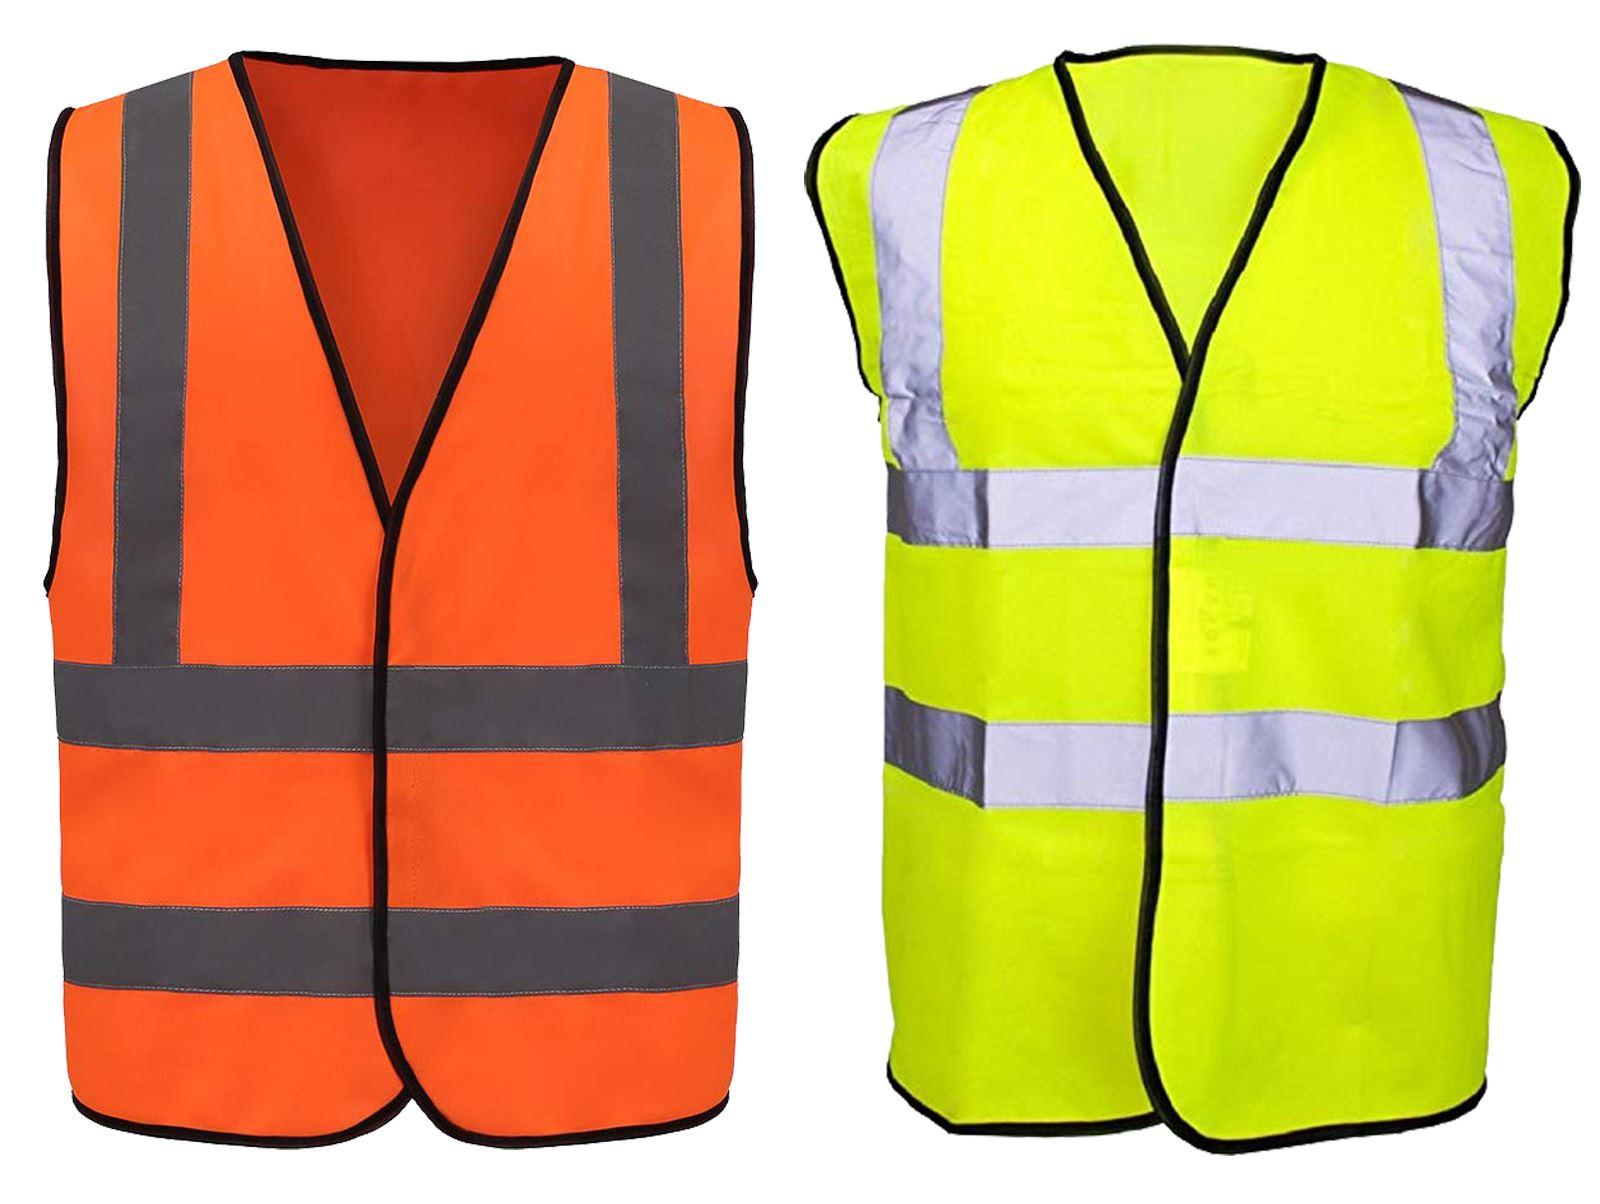 giallo Gilet di sicurezza per bambini ad alta visibilit/à catarifrangente